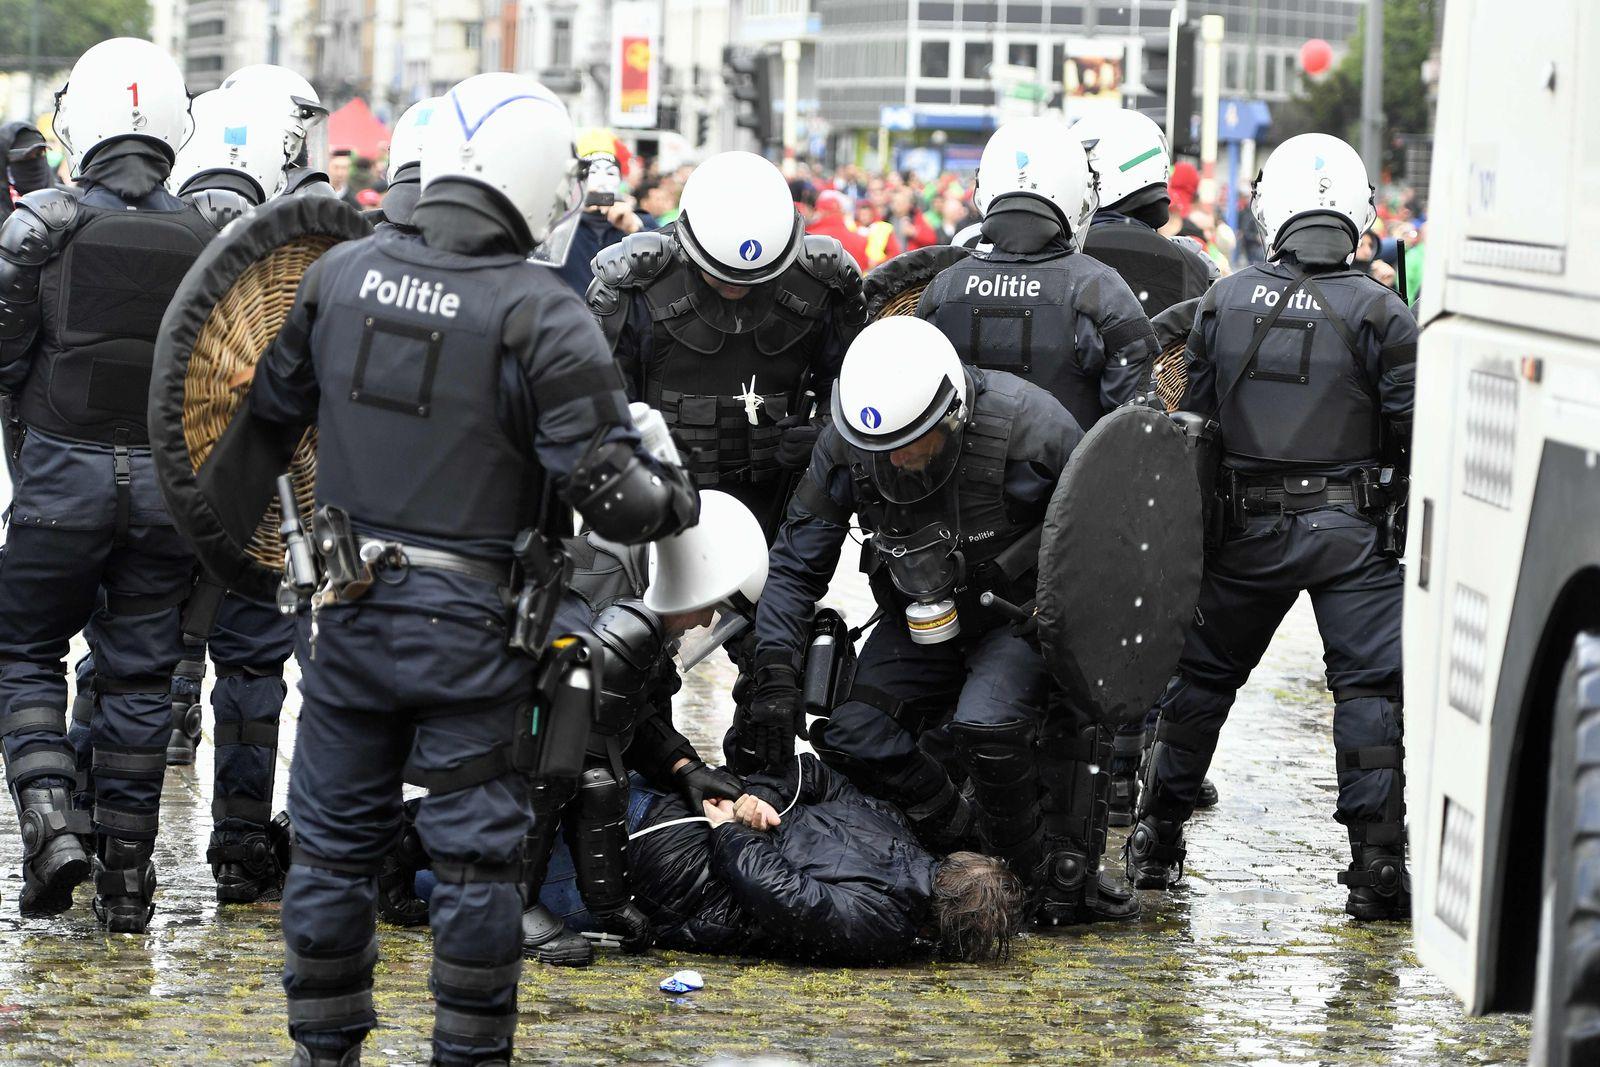 Belgien / Brussels / Proteste